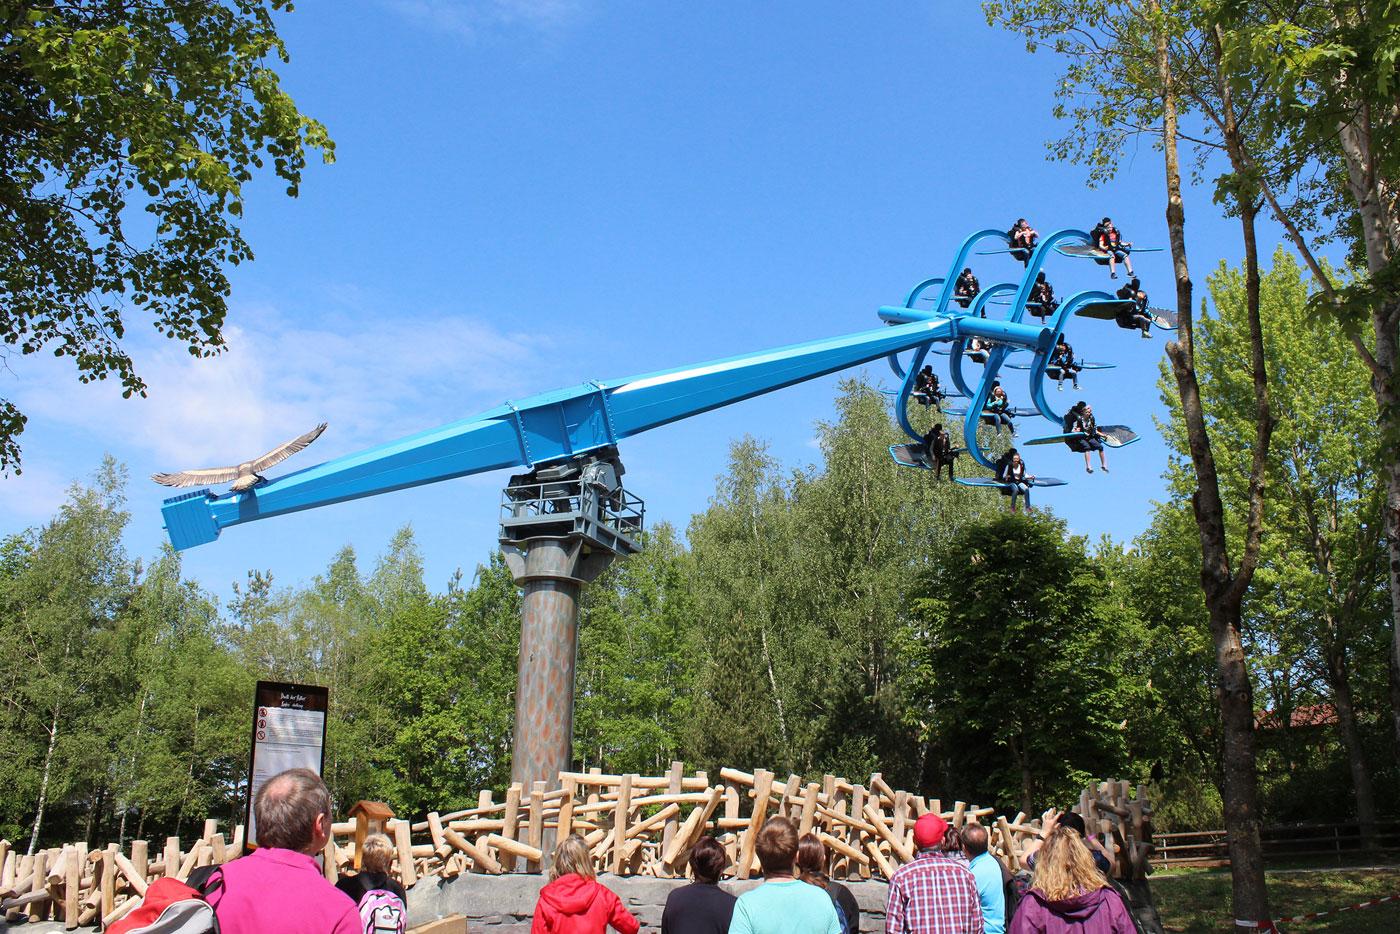 Der Bayern-Park ist ein großer Freizeit- und Vergnügungspark im Ferienland Dingolfing-Landau.